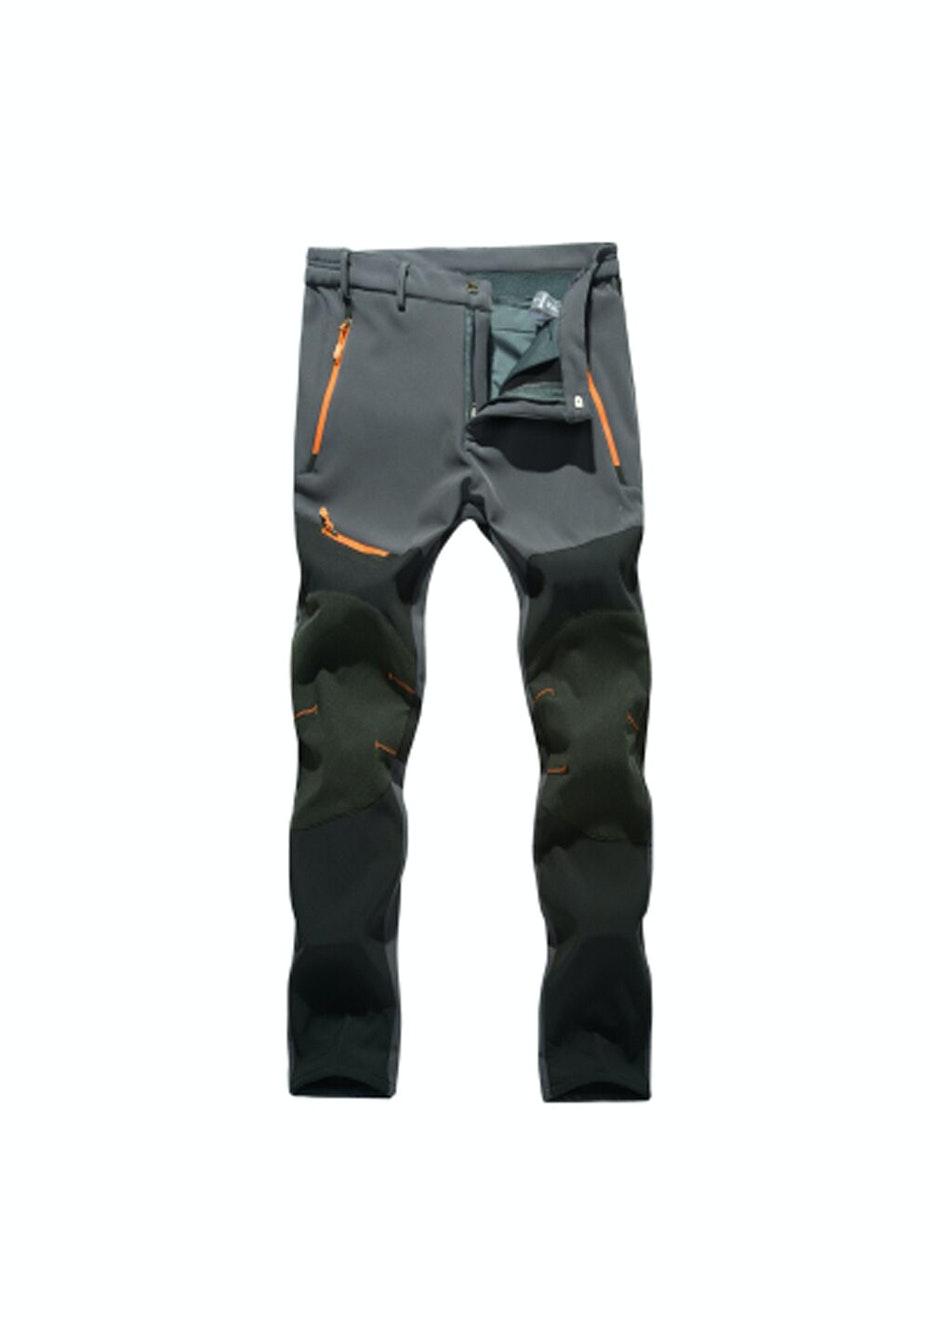 Men 2-in-1 WaterProof Pants - Grey